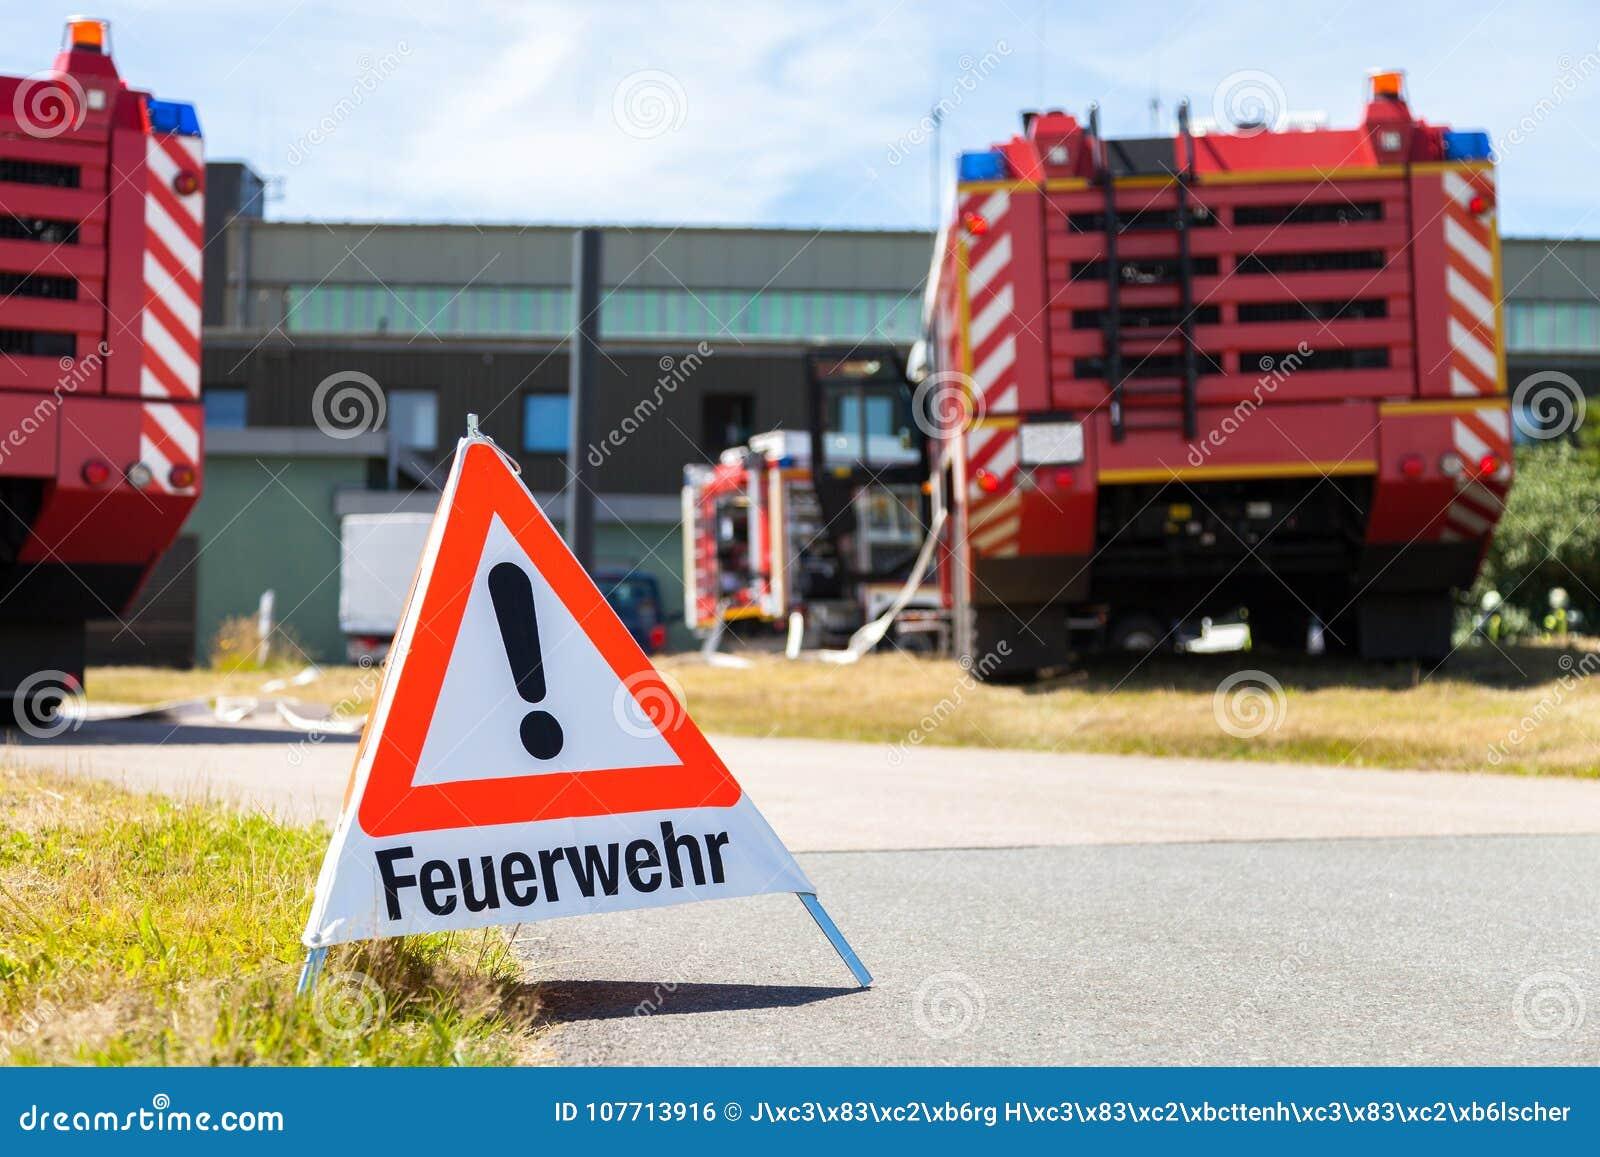 La muestra del cuerpo de bomberos de Feuerwehr del alemán coloca los coches de bomberos cercanos